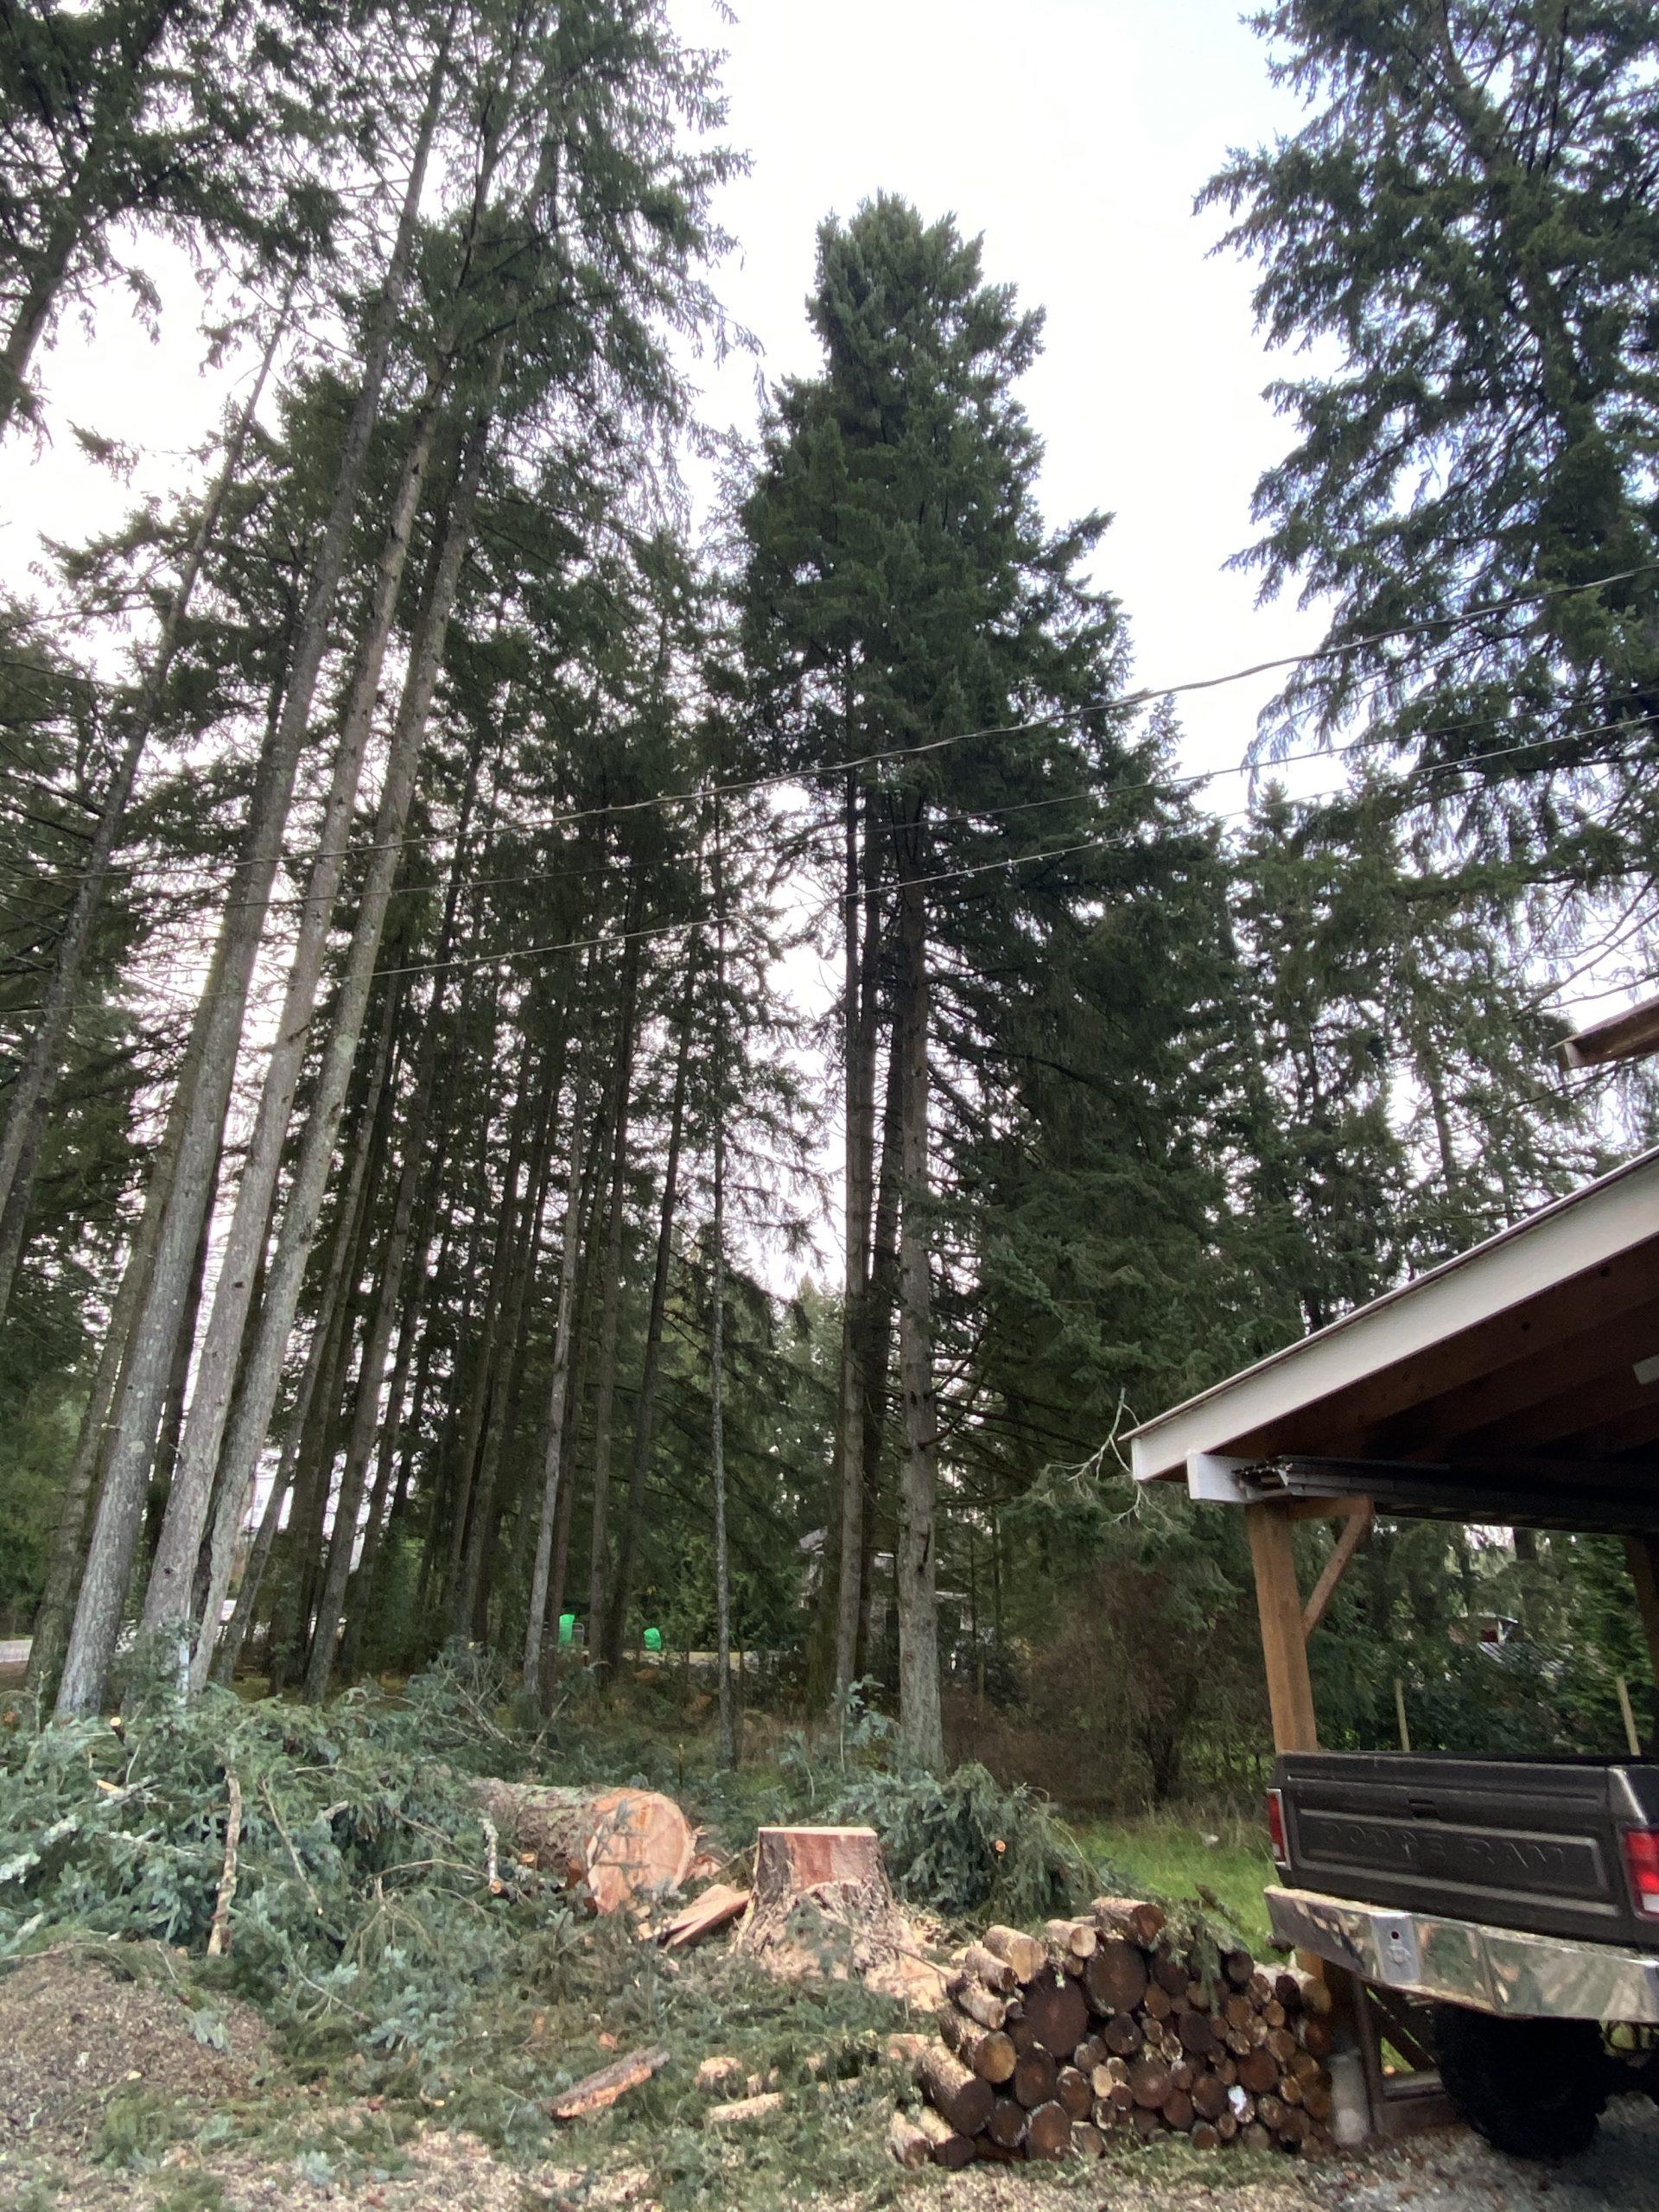 Trees In Between Power Lines